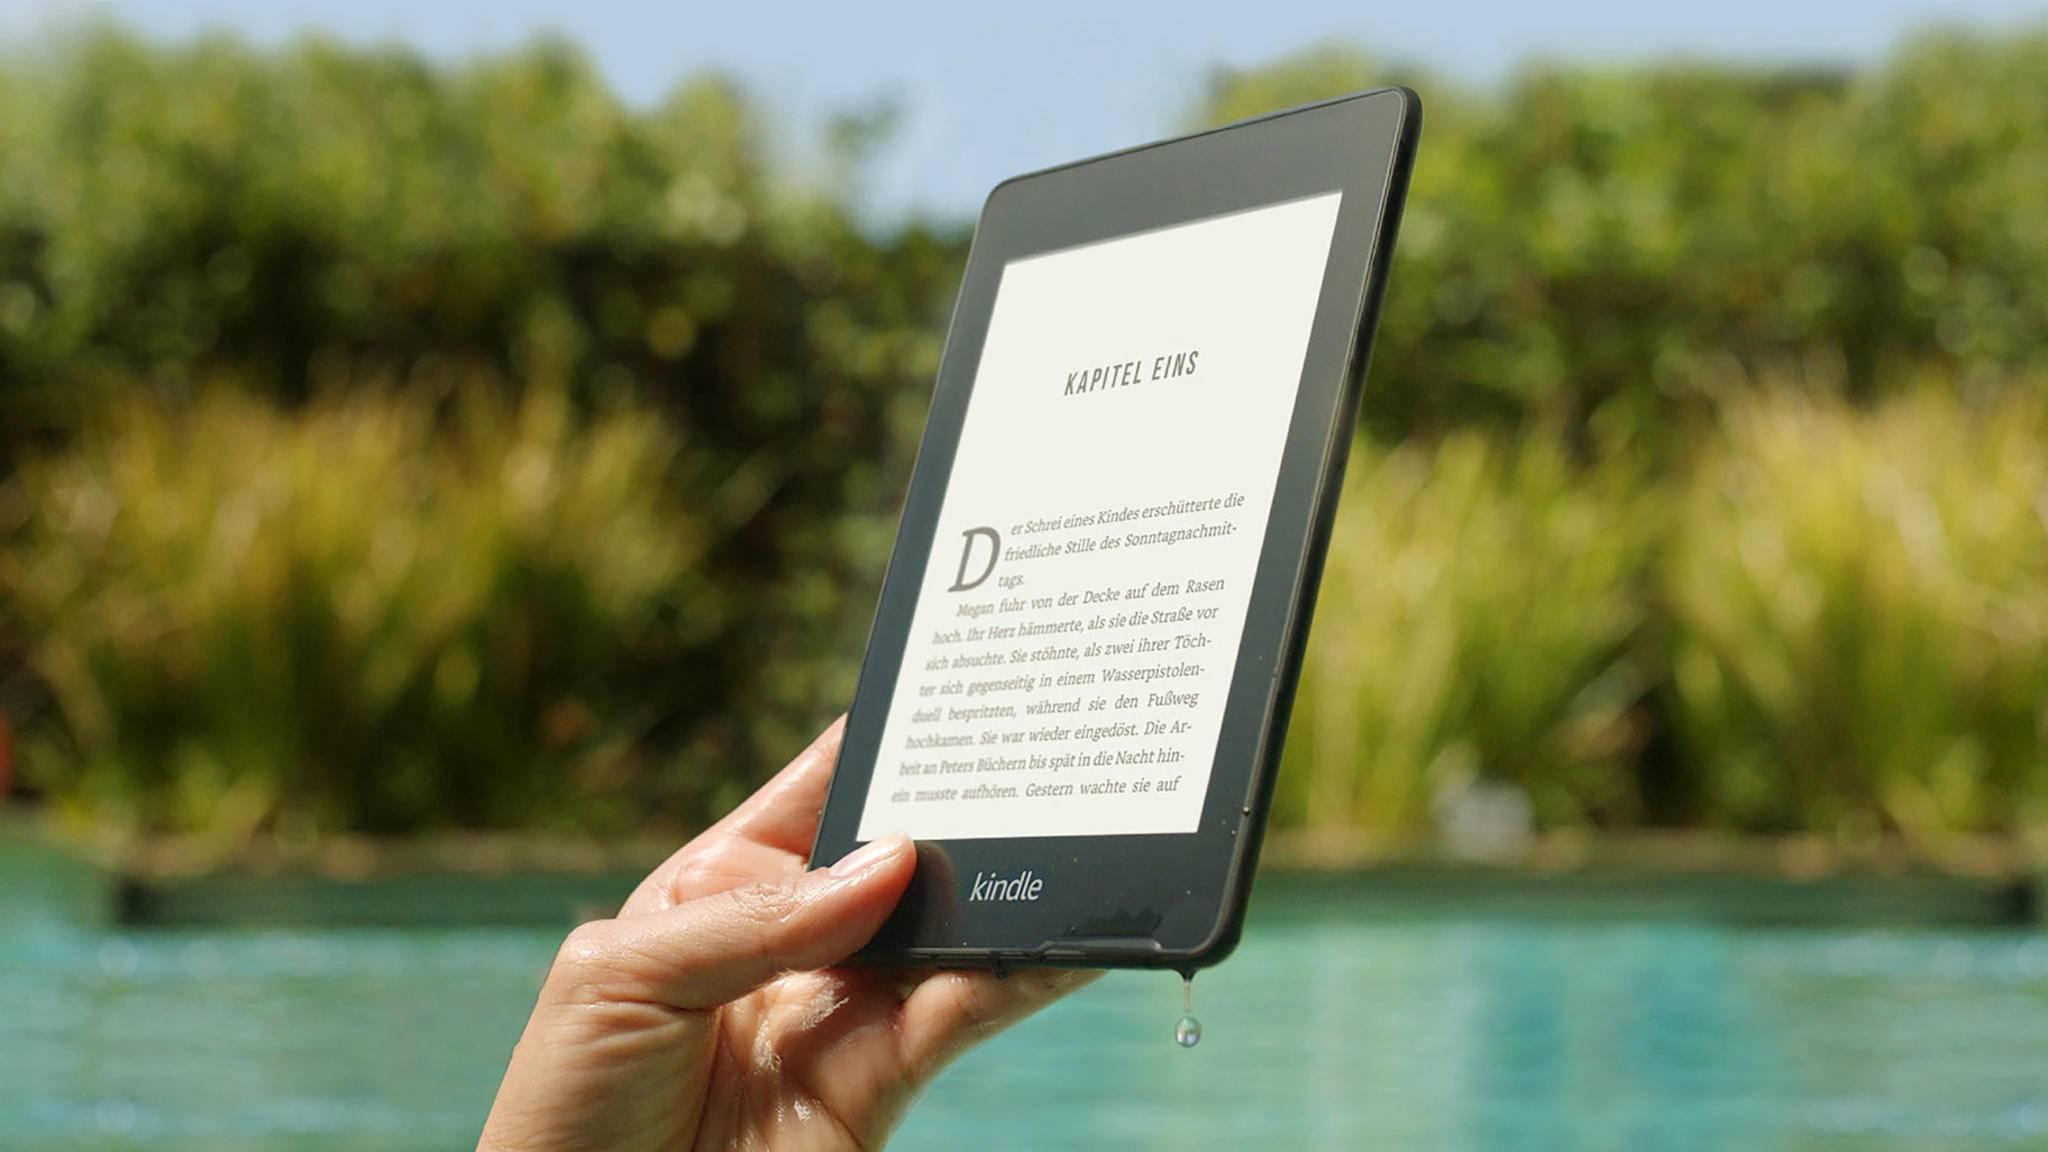 E-Book-Reader besitzen meist ein E-Ink-Display – doch was steckt hinter der Technik?